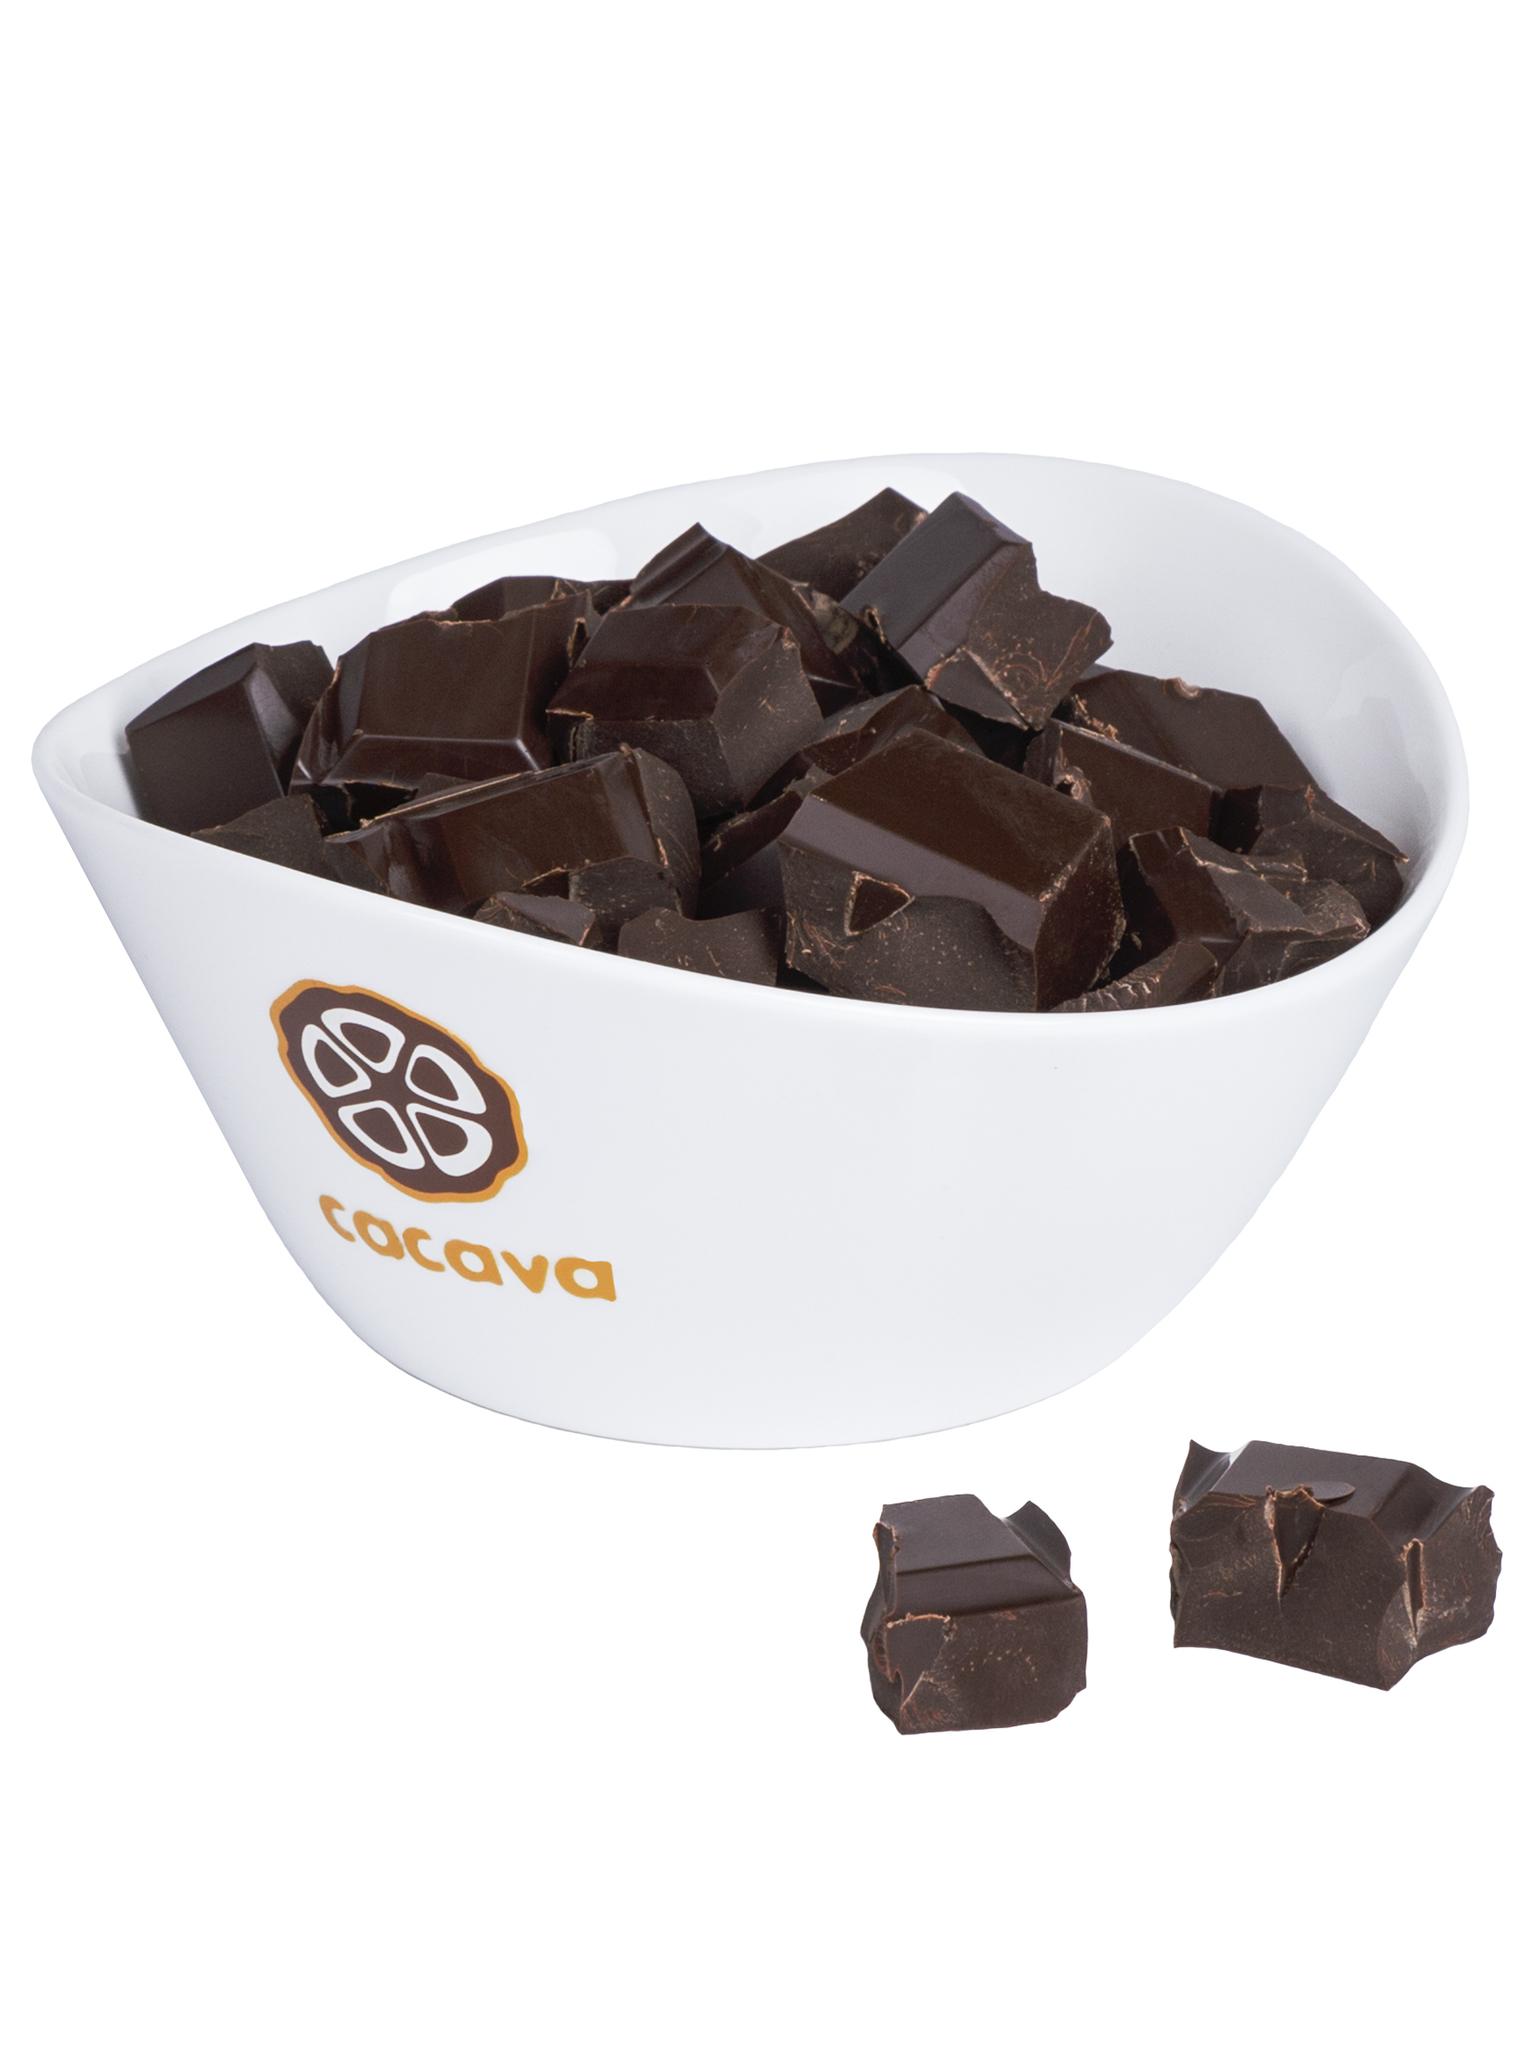 Какао тёртое кусочками (Коста-Рика), внешний вид